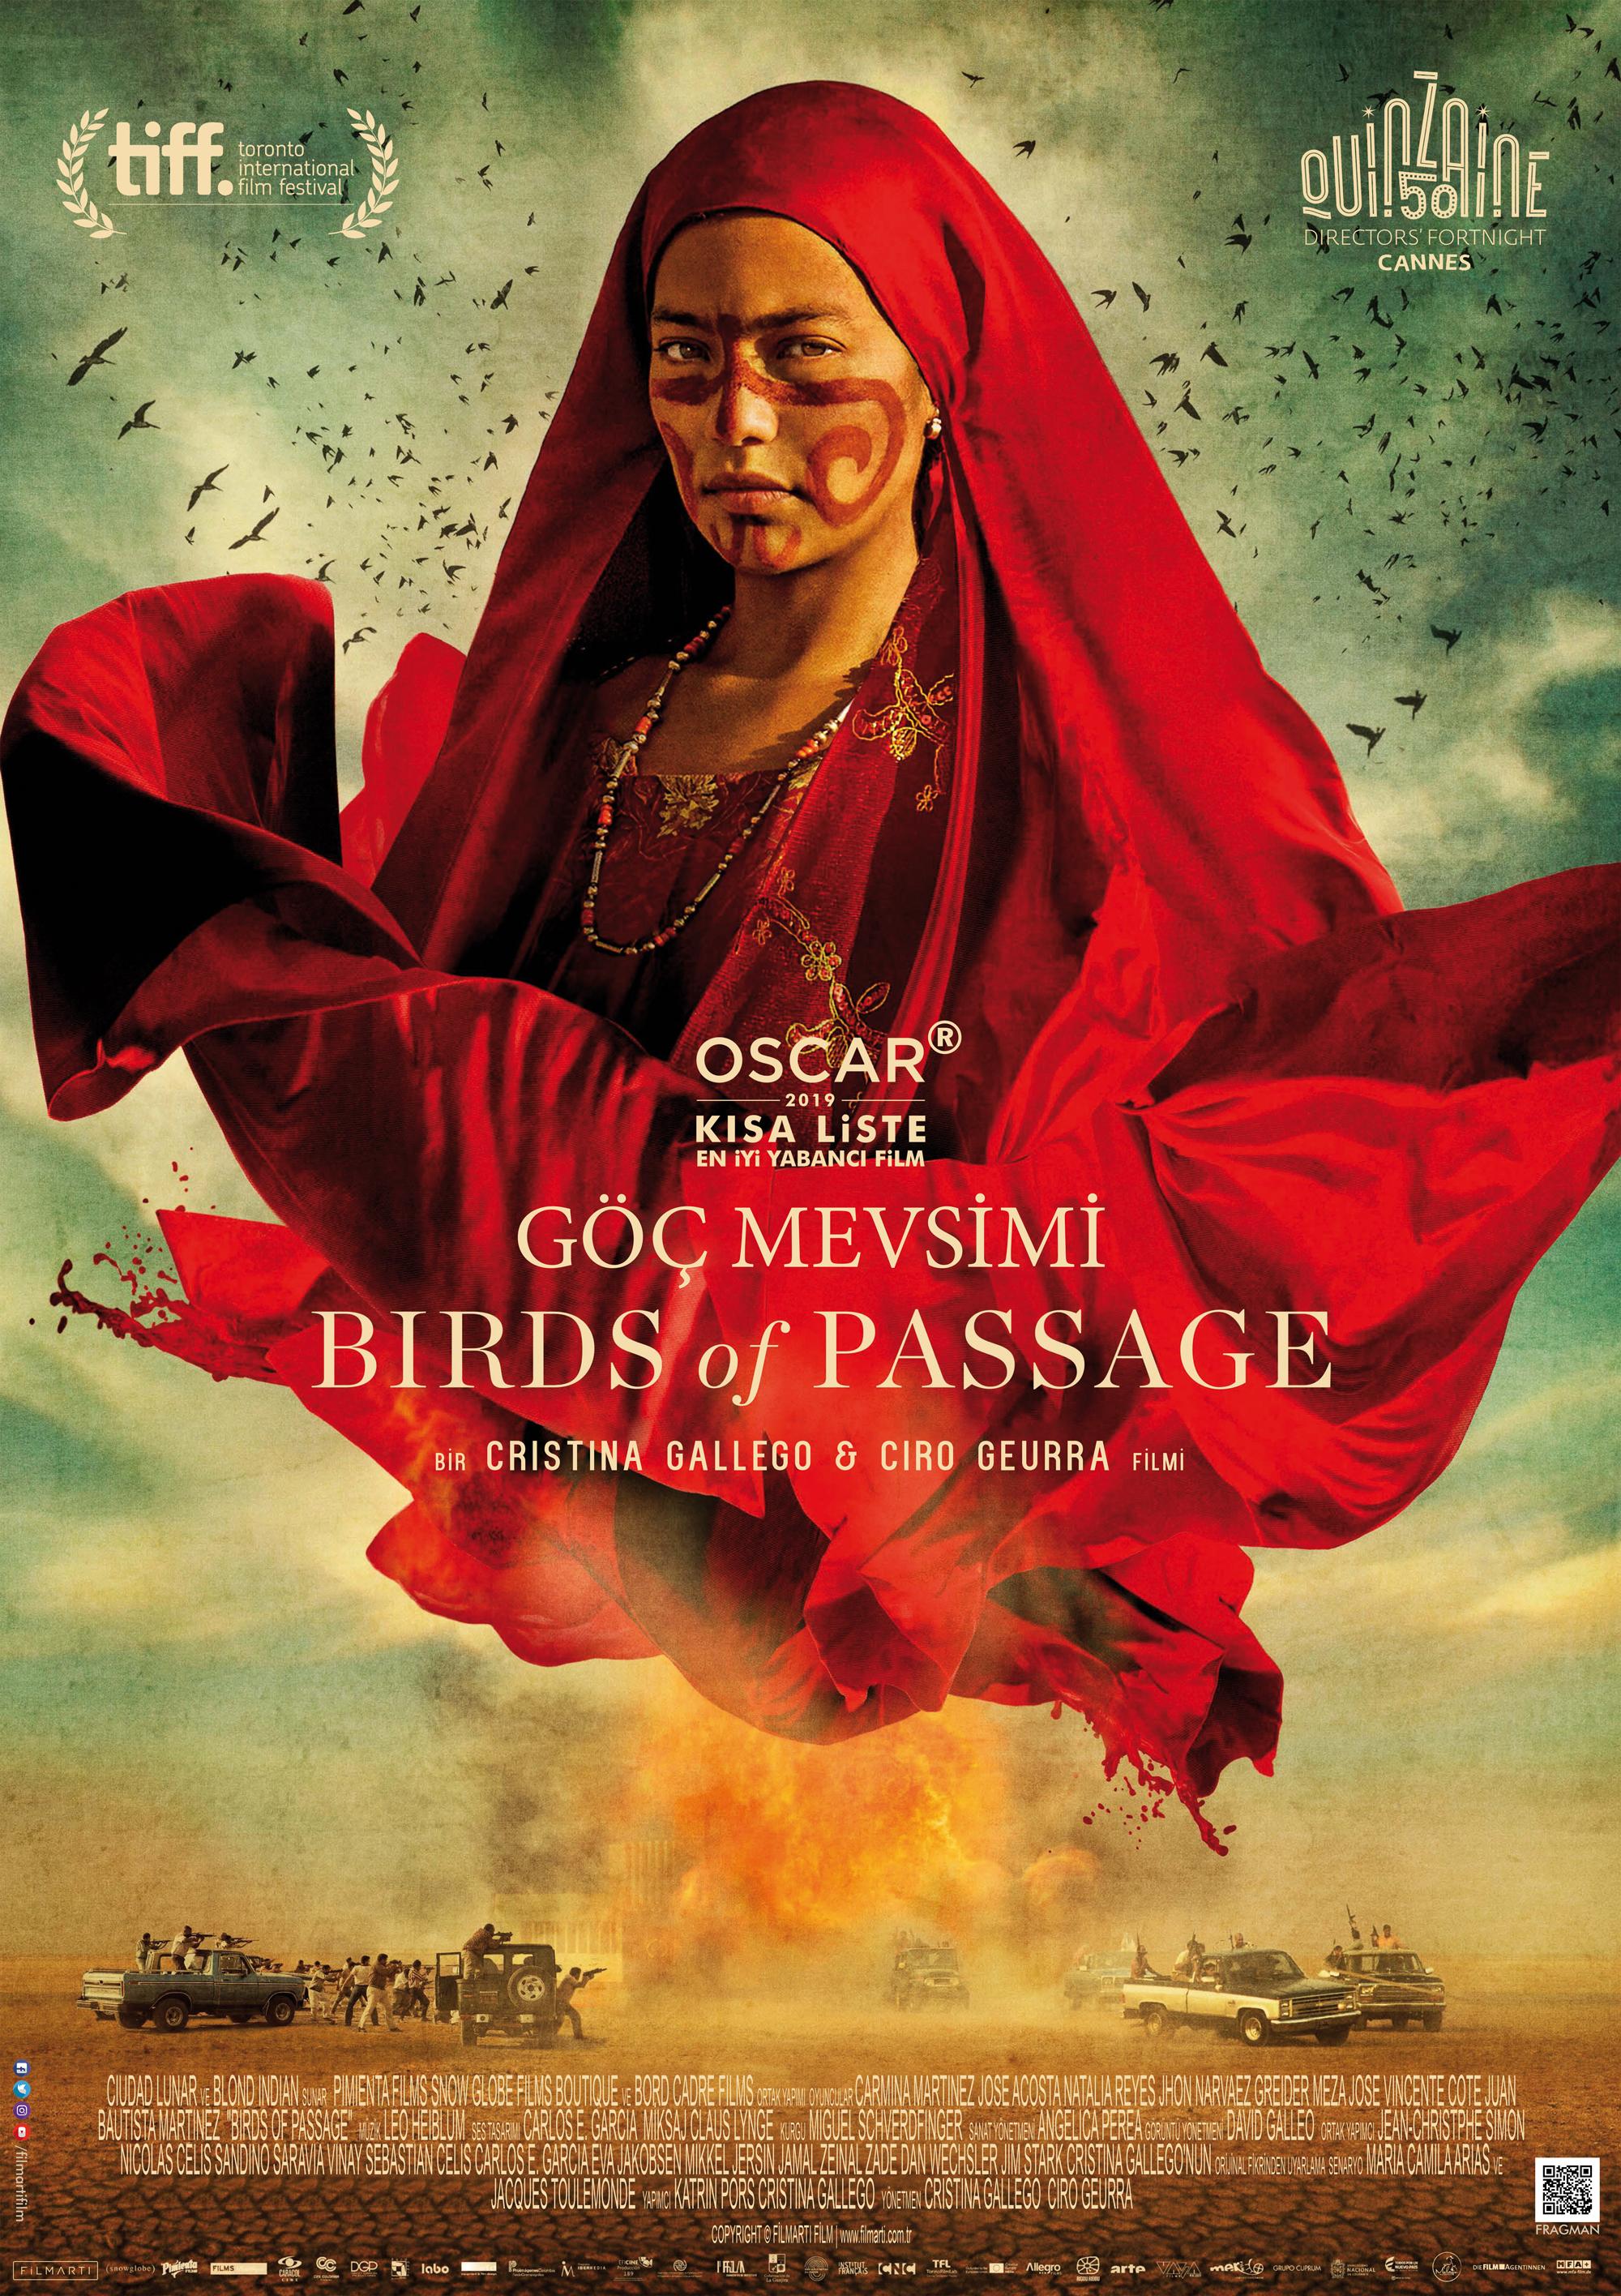 BIRDS OF PASSAGE 15 ŞUBAT 2019